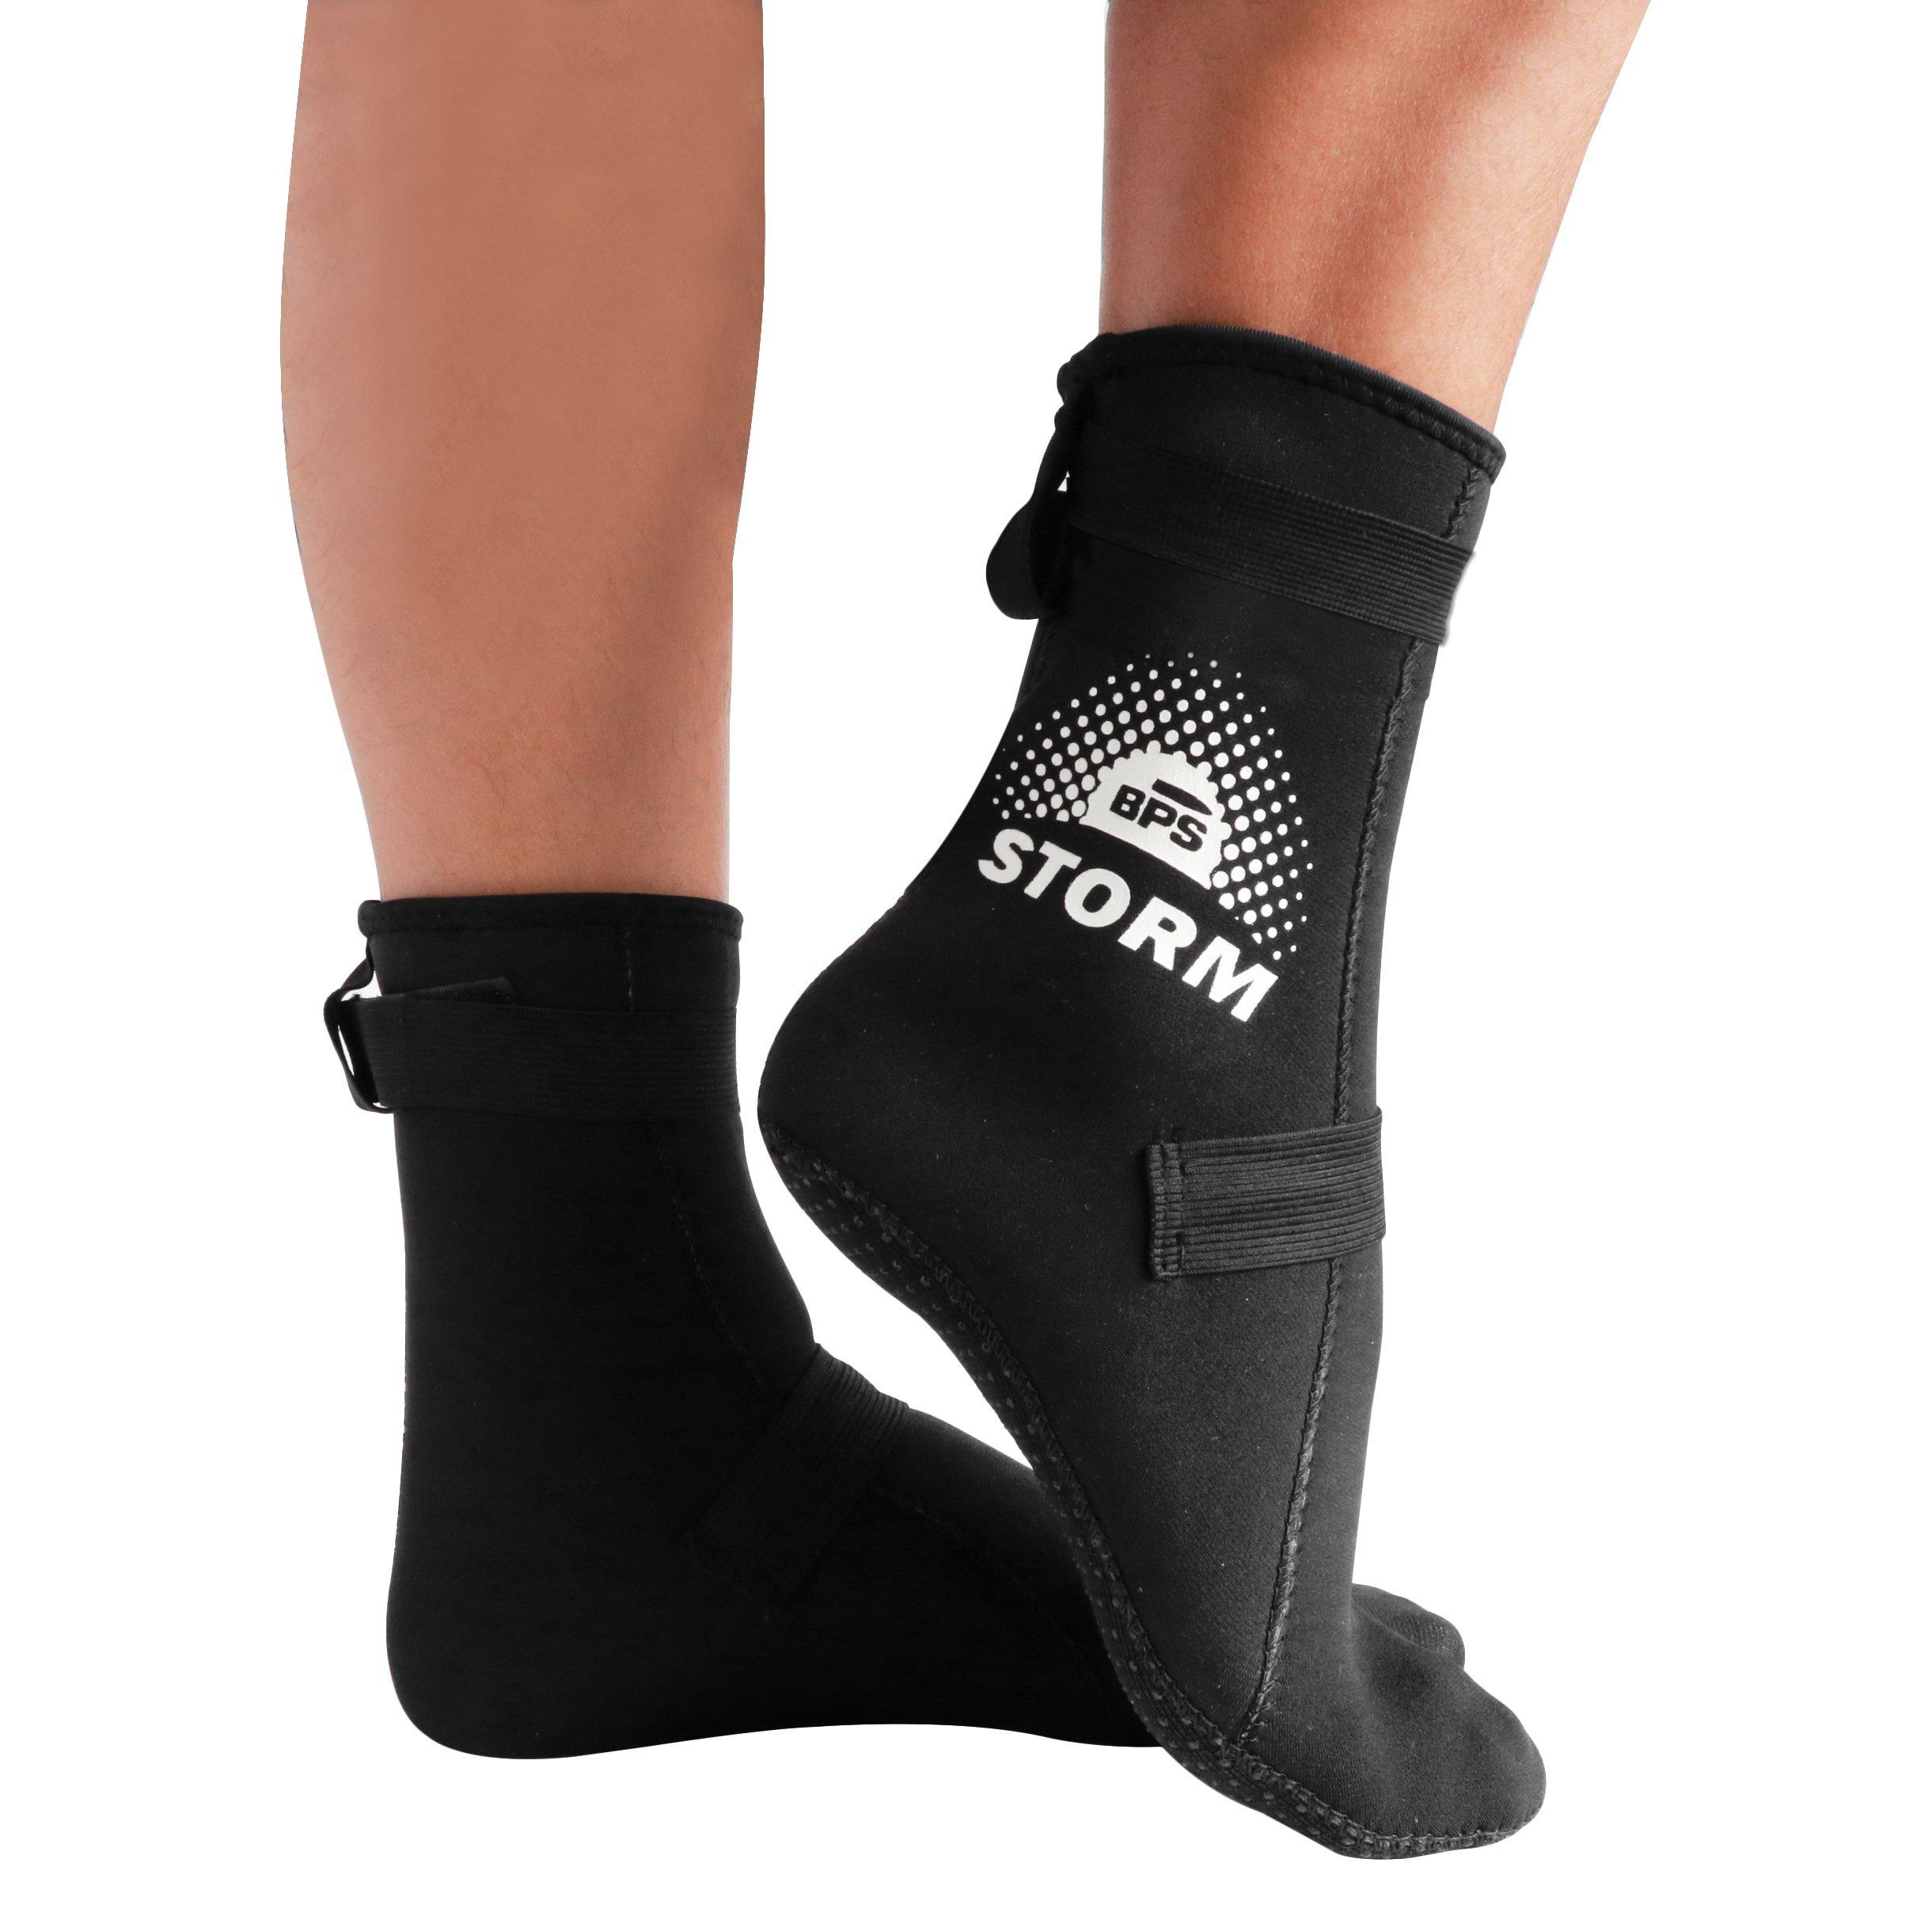 BPS Neoprene Socks - Black/White - XXXL